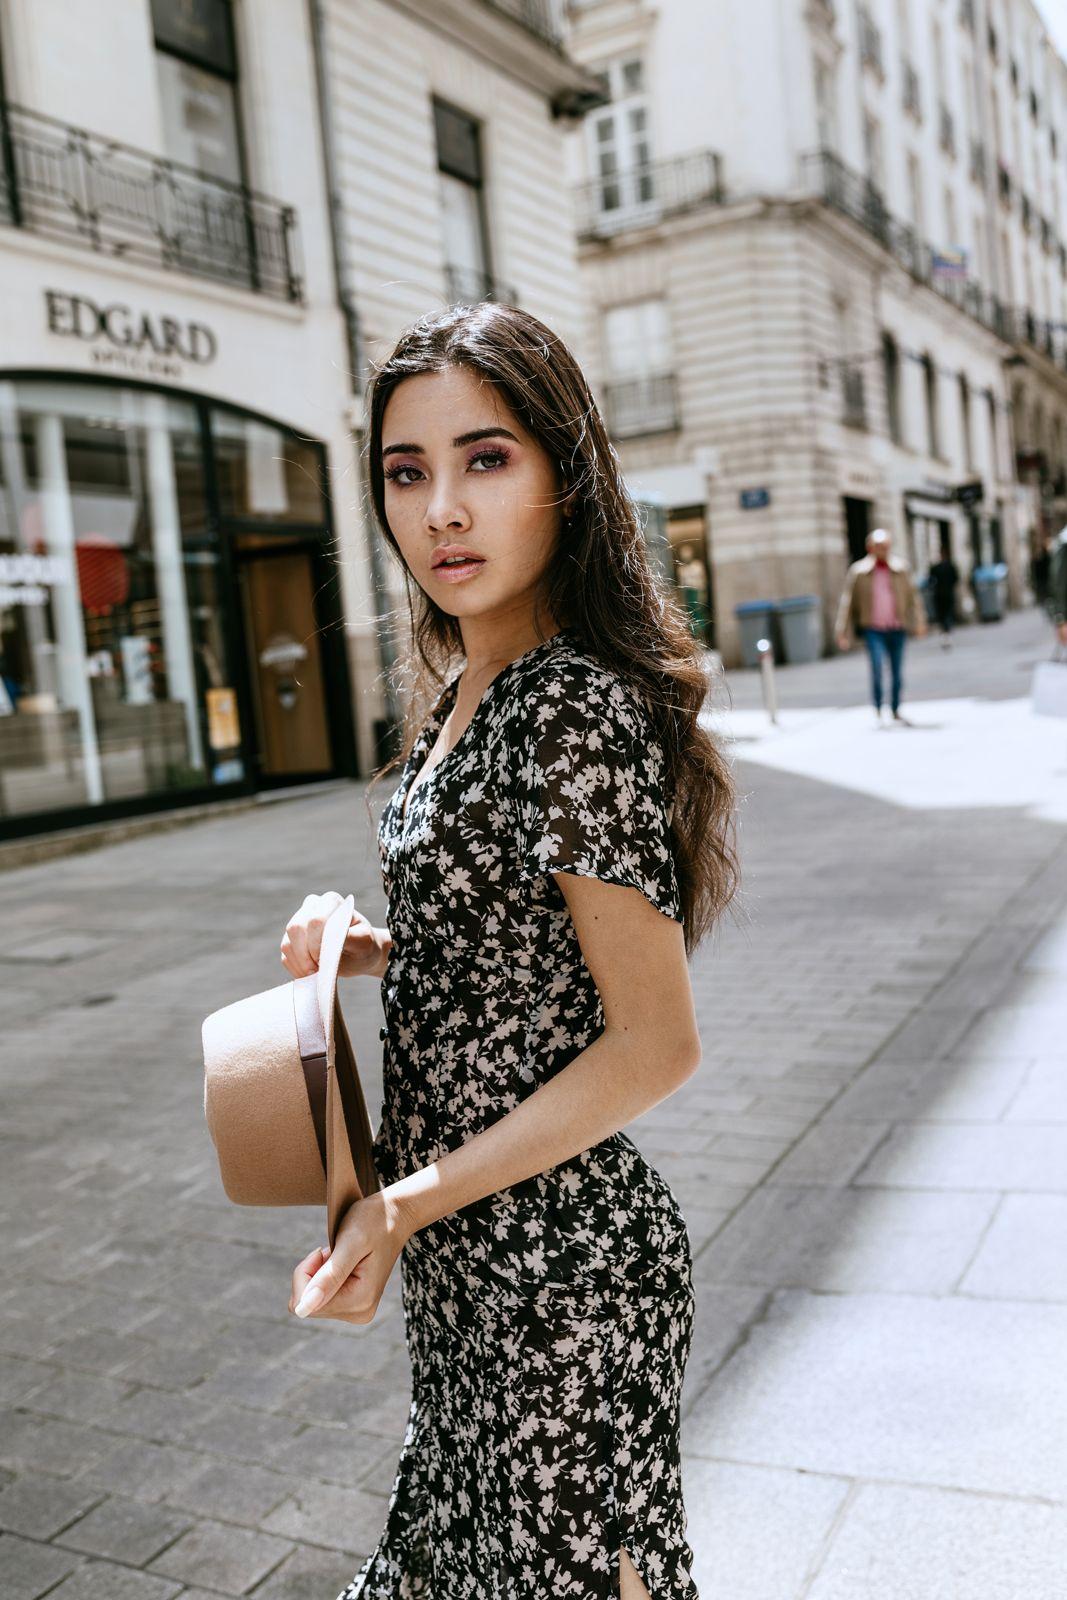 Photo d'elsa dans les rues de nantes